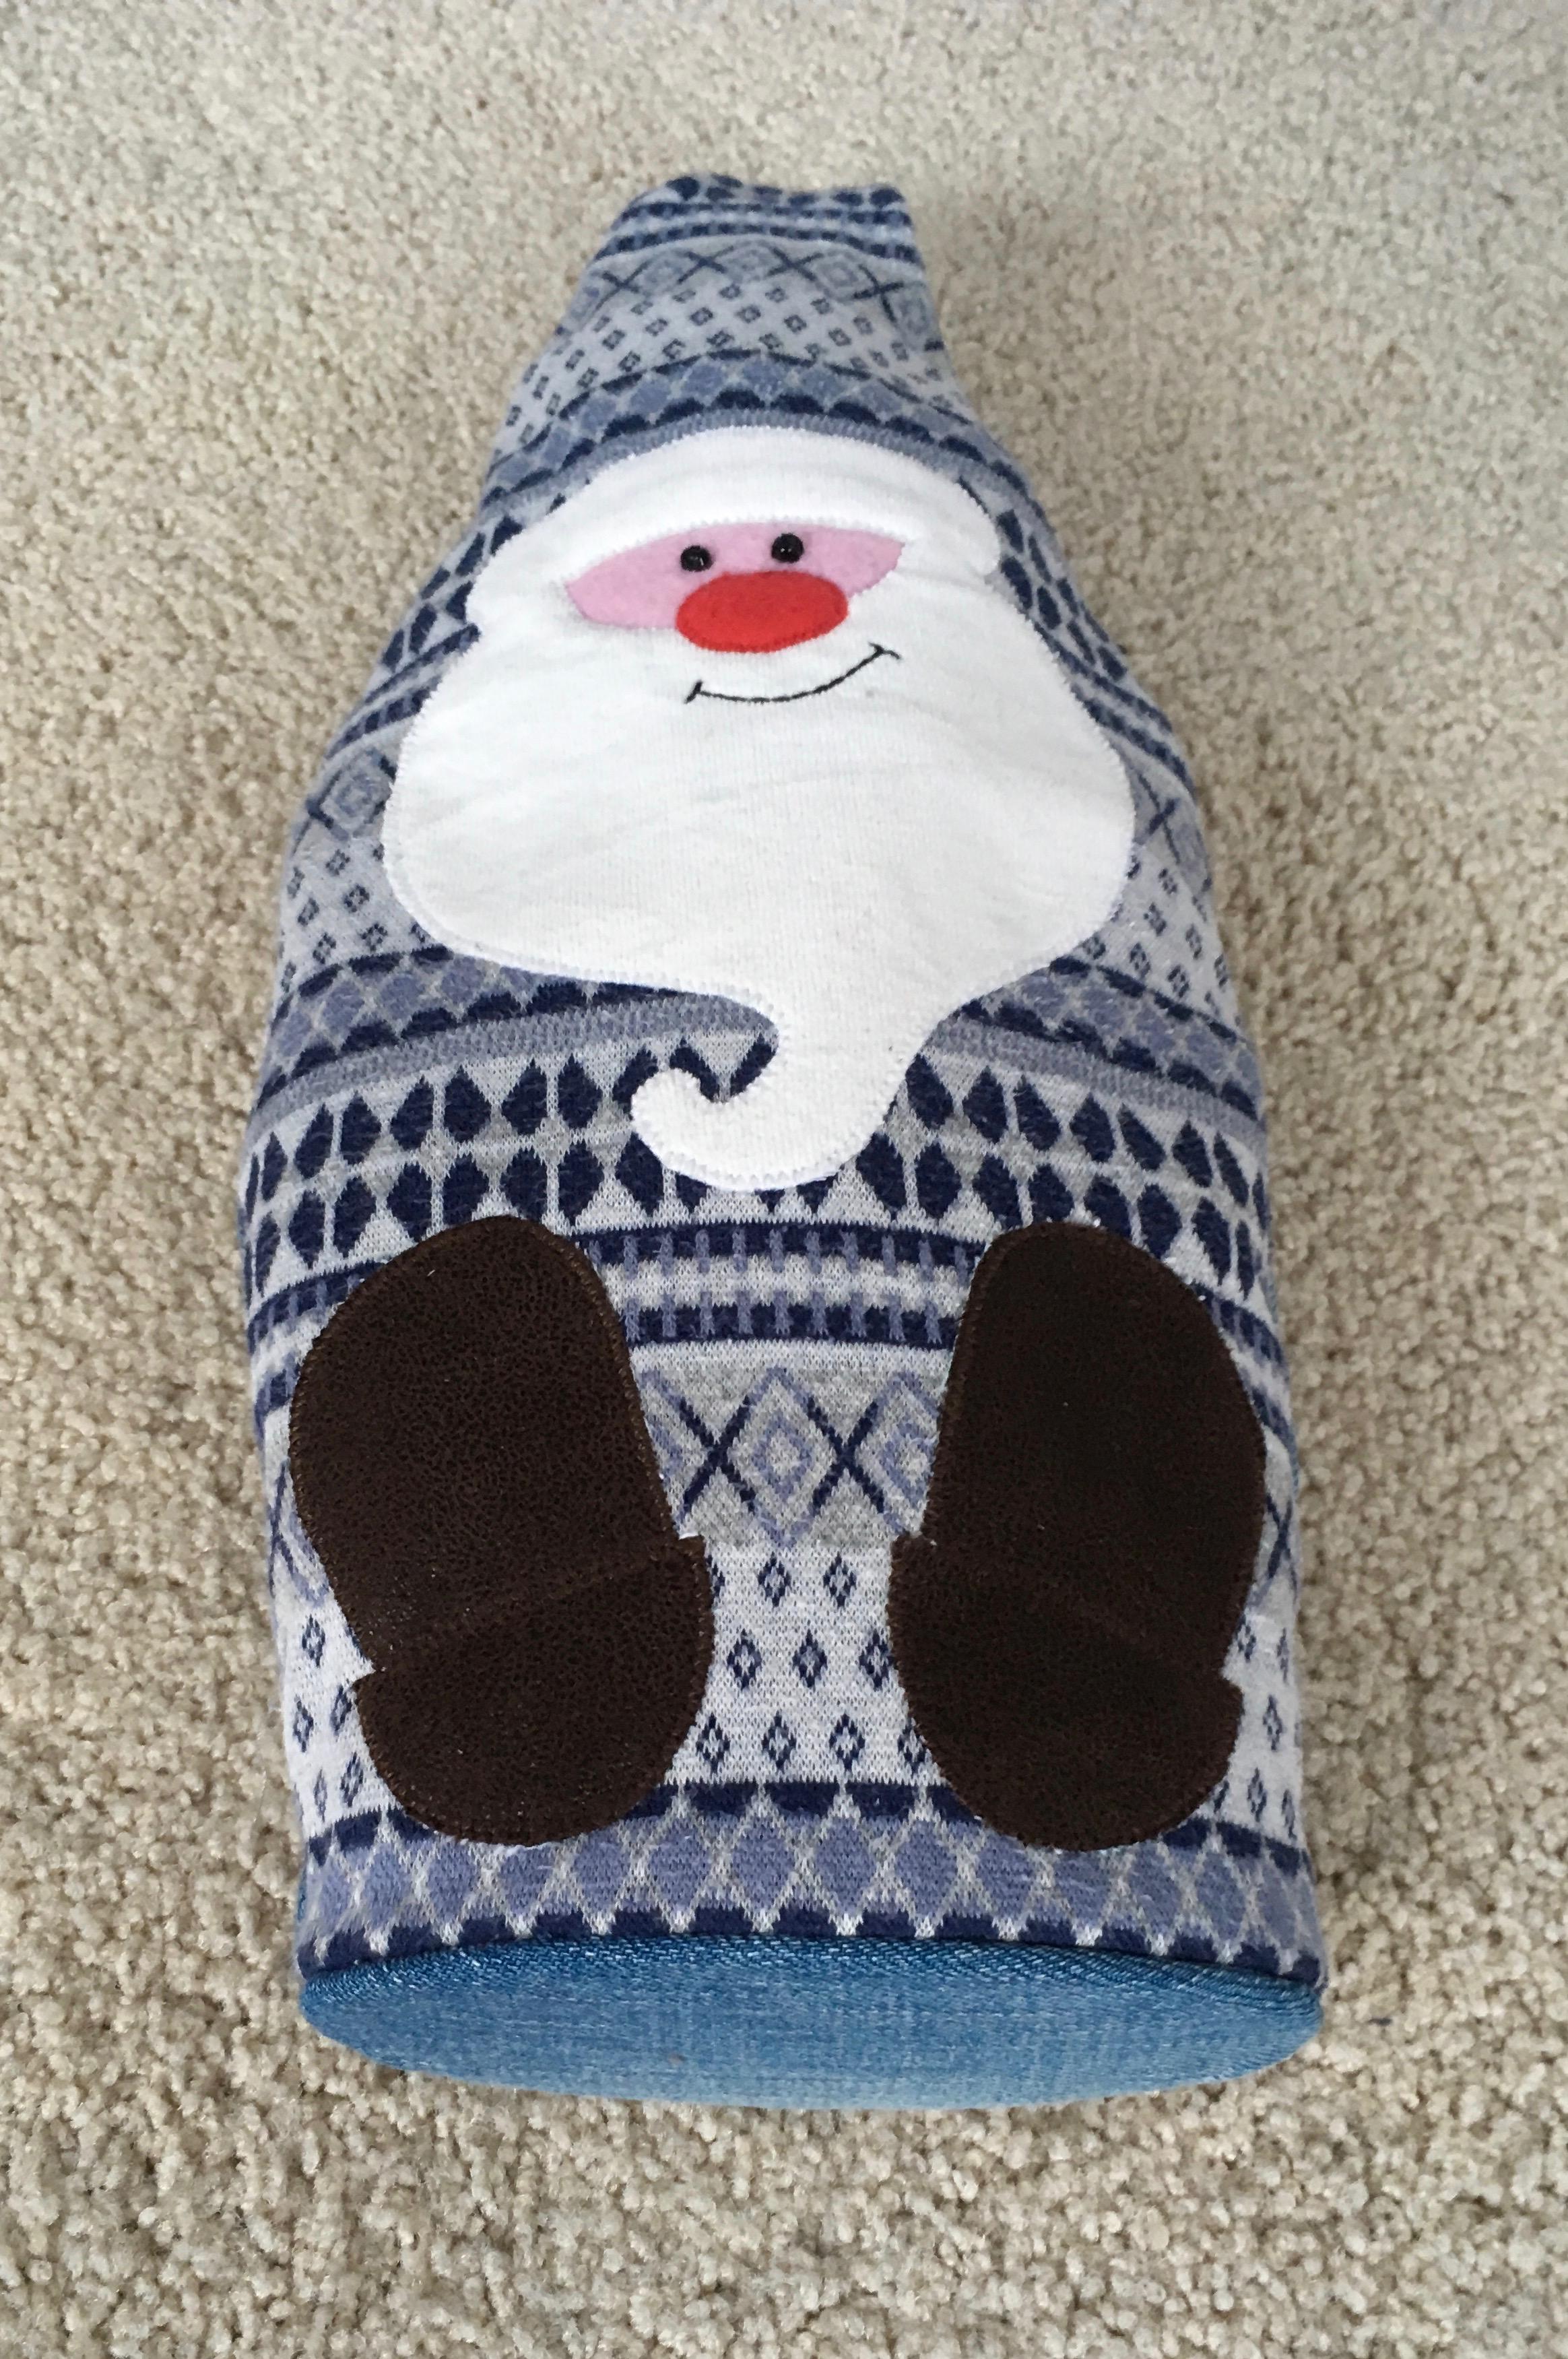 Zelfgemaakte Kerstman brengt verrassingen